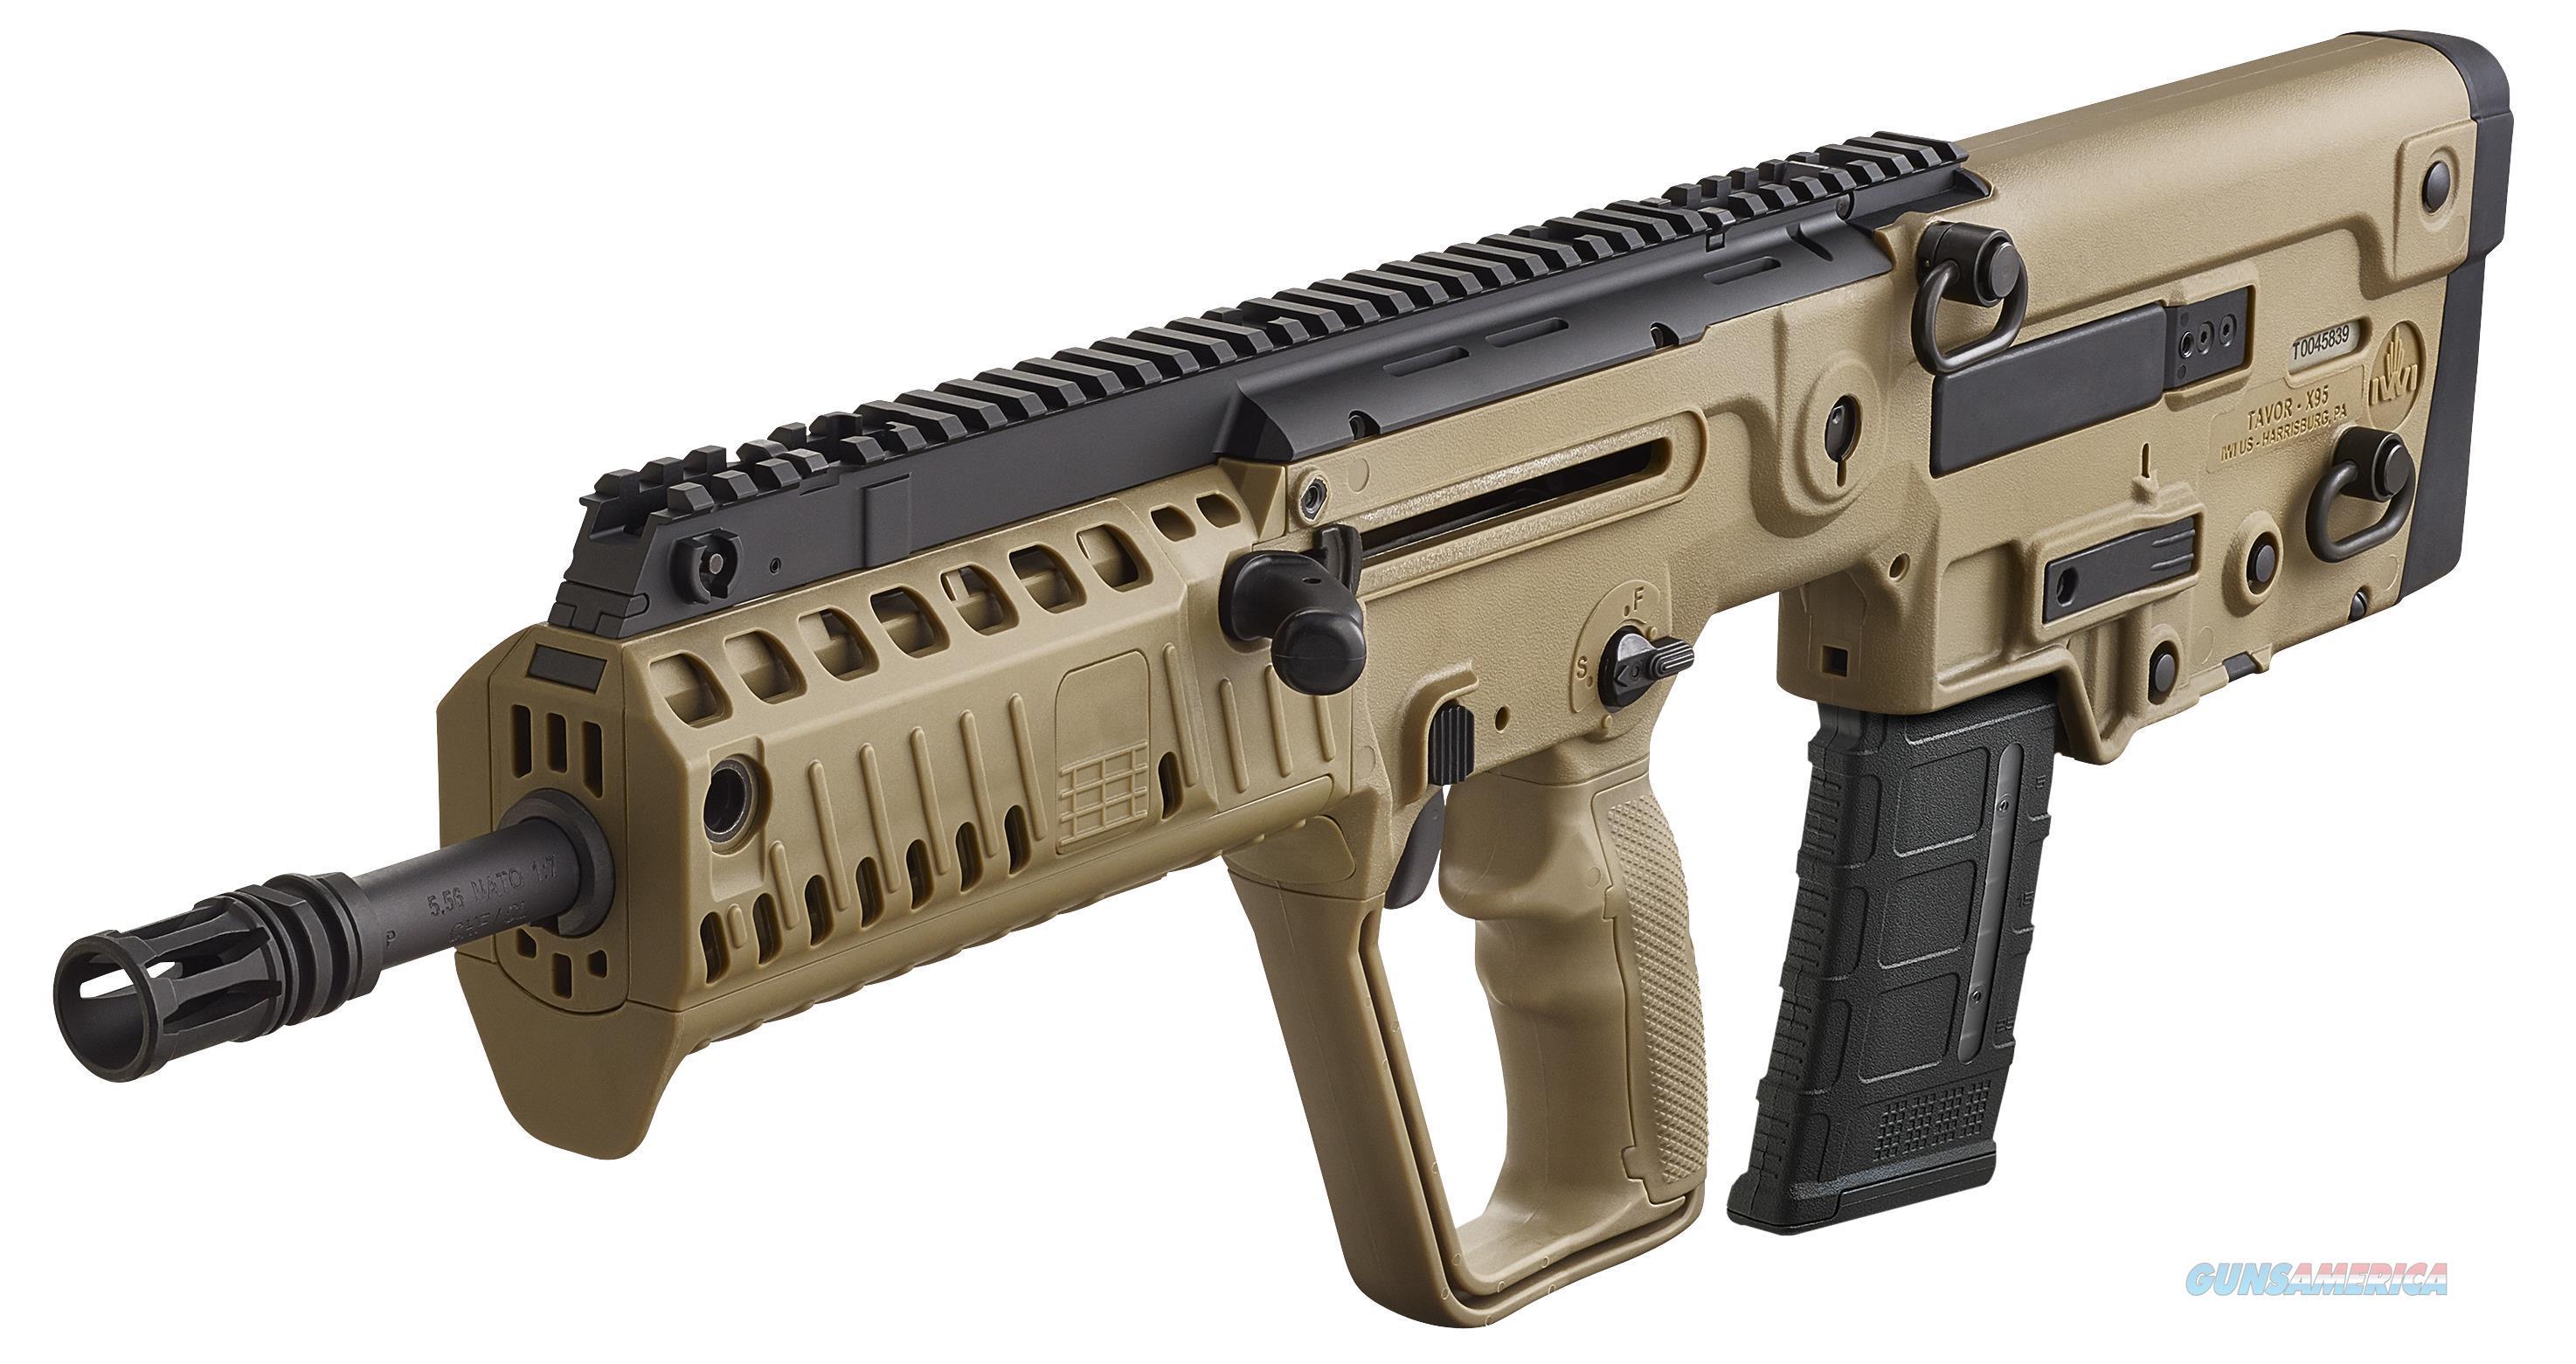 """Iwi Us Xfd16blk Tavor X95 Semi-Automatic 300 Aac Blackout/Whisper (7.62X35mm) 16.5"""" 30+1 Polymer Bullpup Fde Stk Black XFD16BLK  Guns > Rifles > IJ Misc Rifles"""